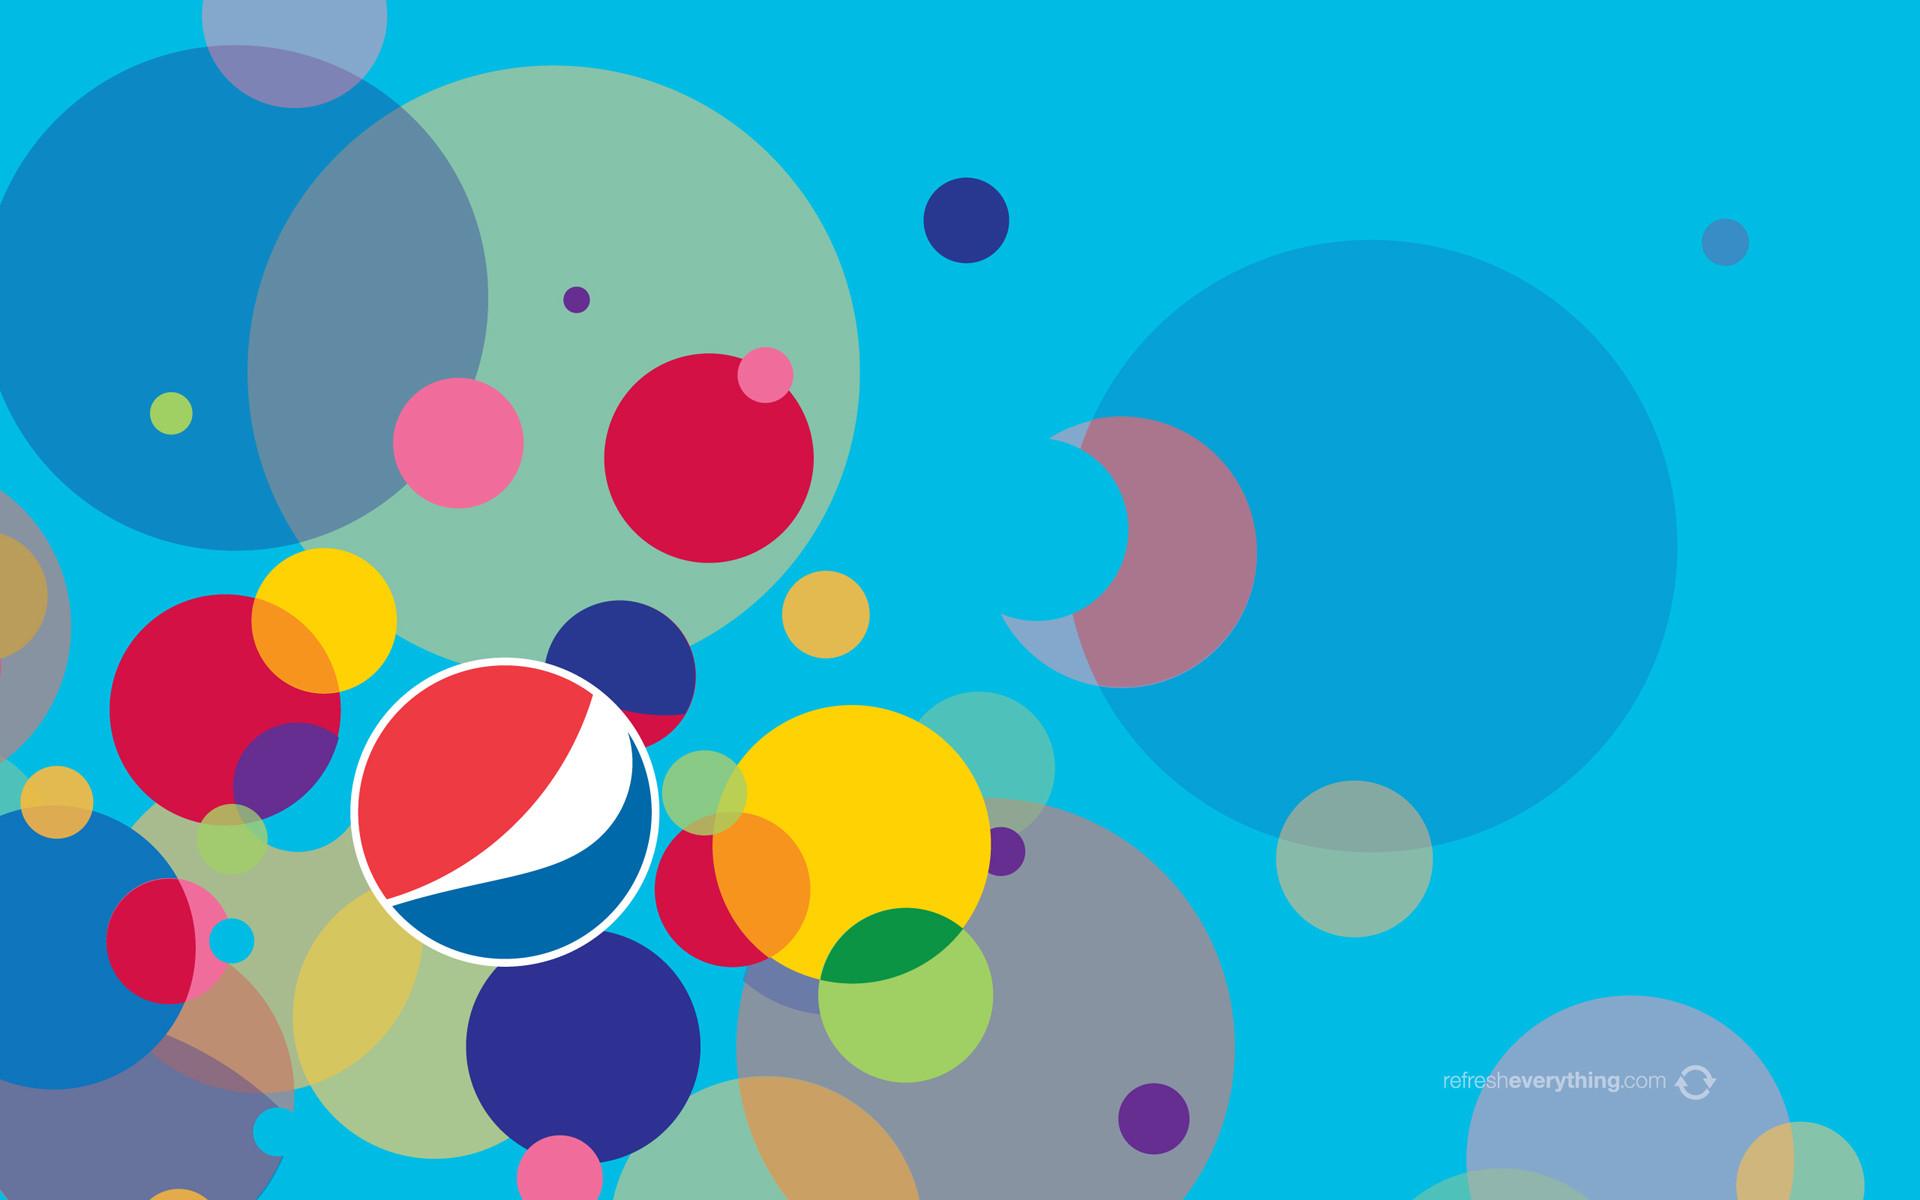 Pepsi wallpaper – 272127